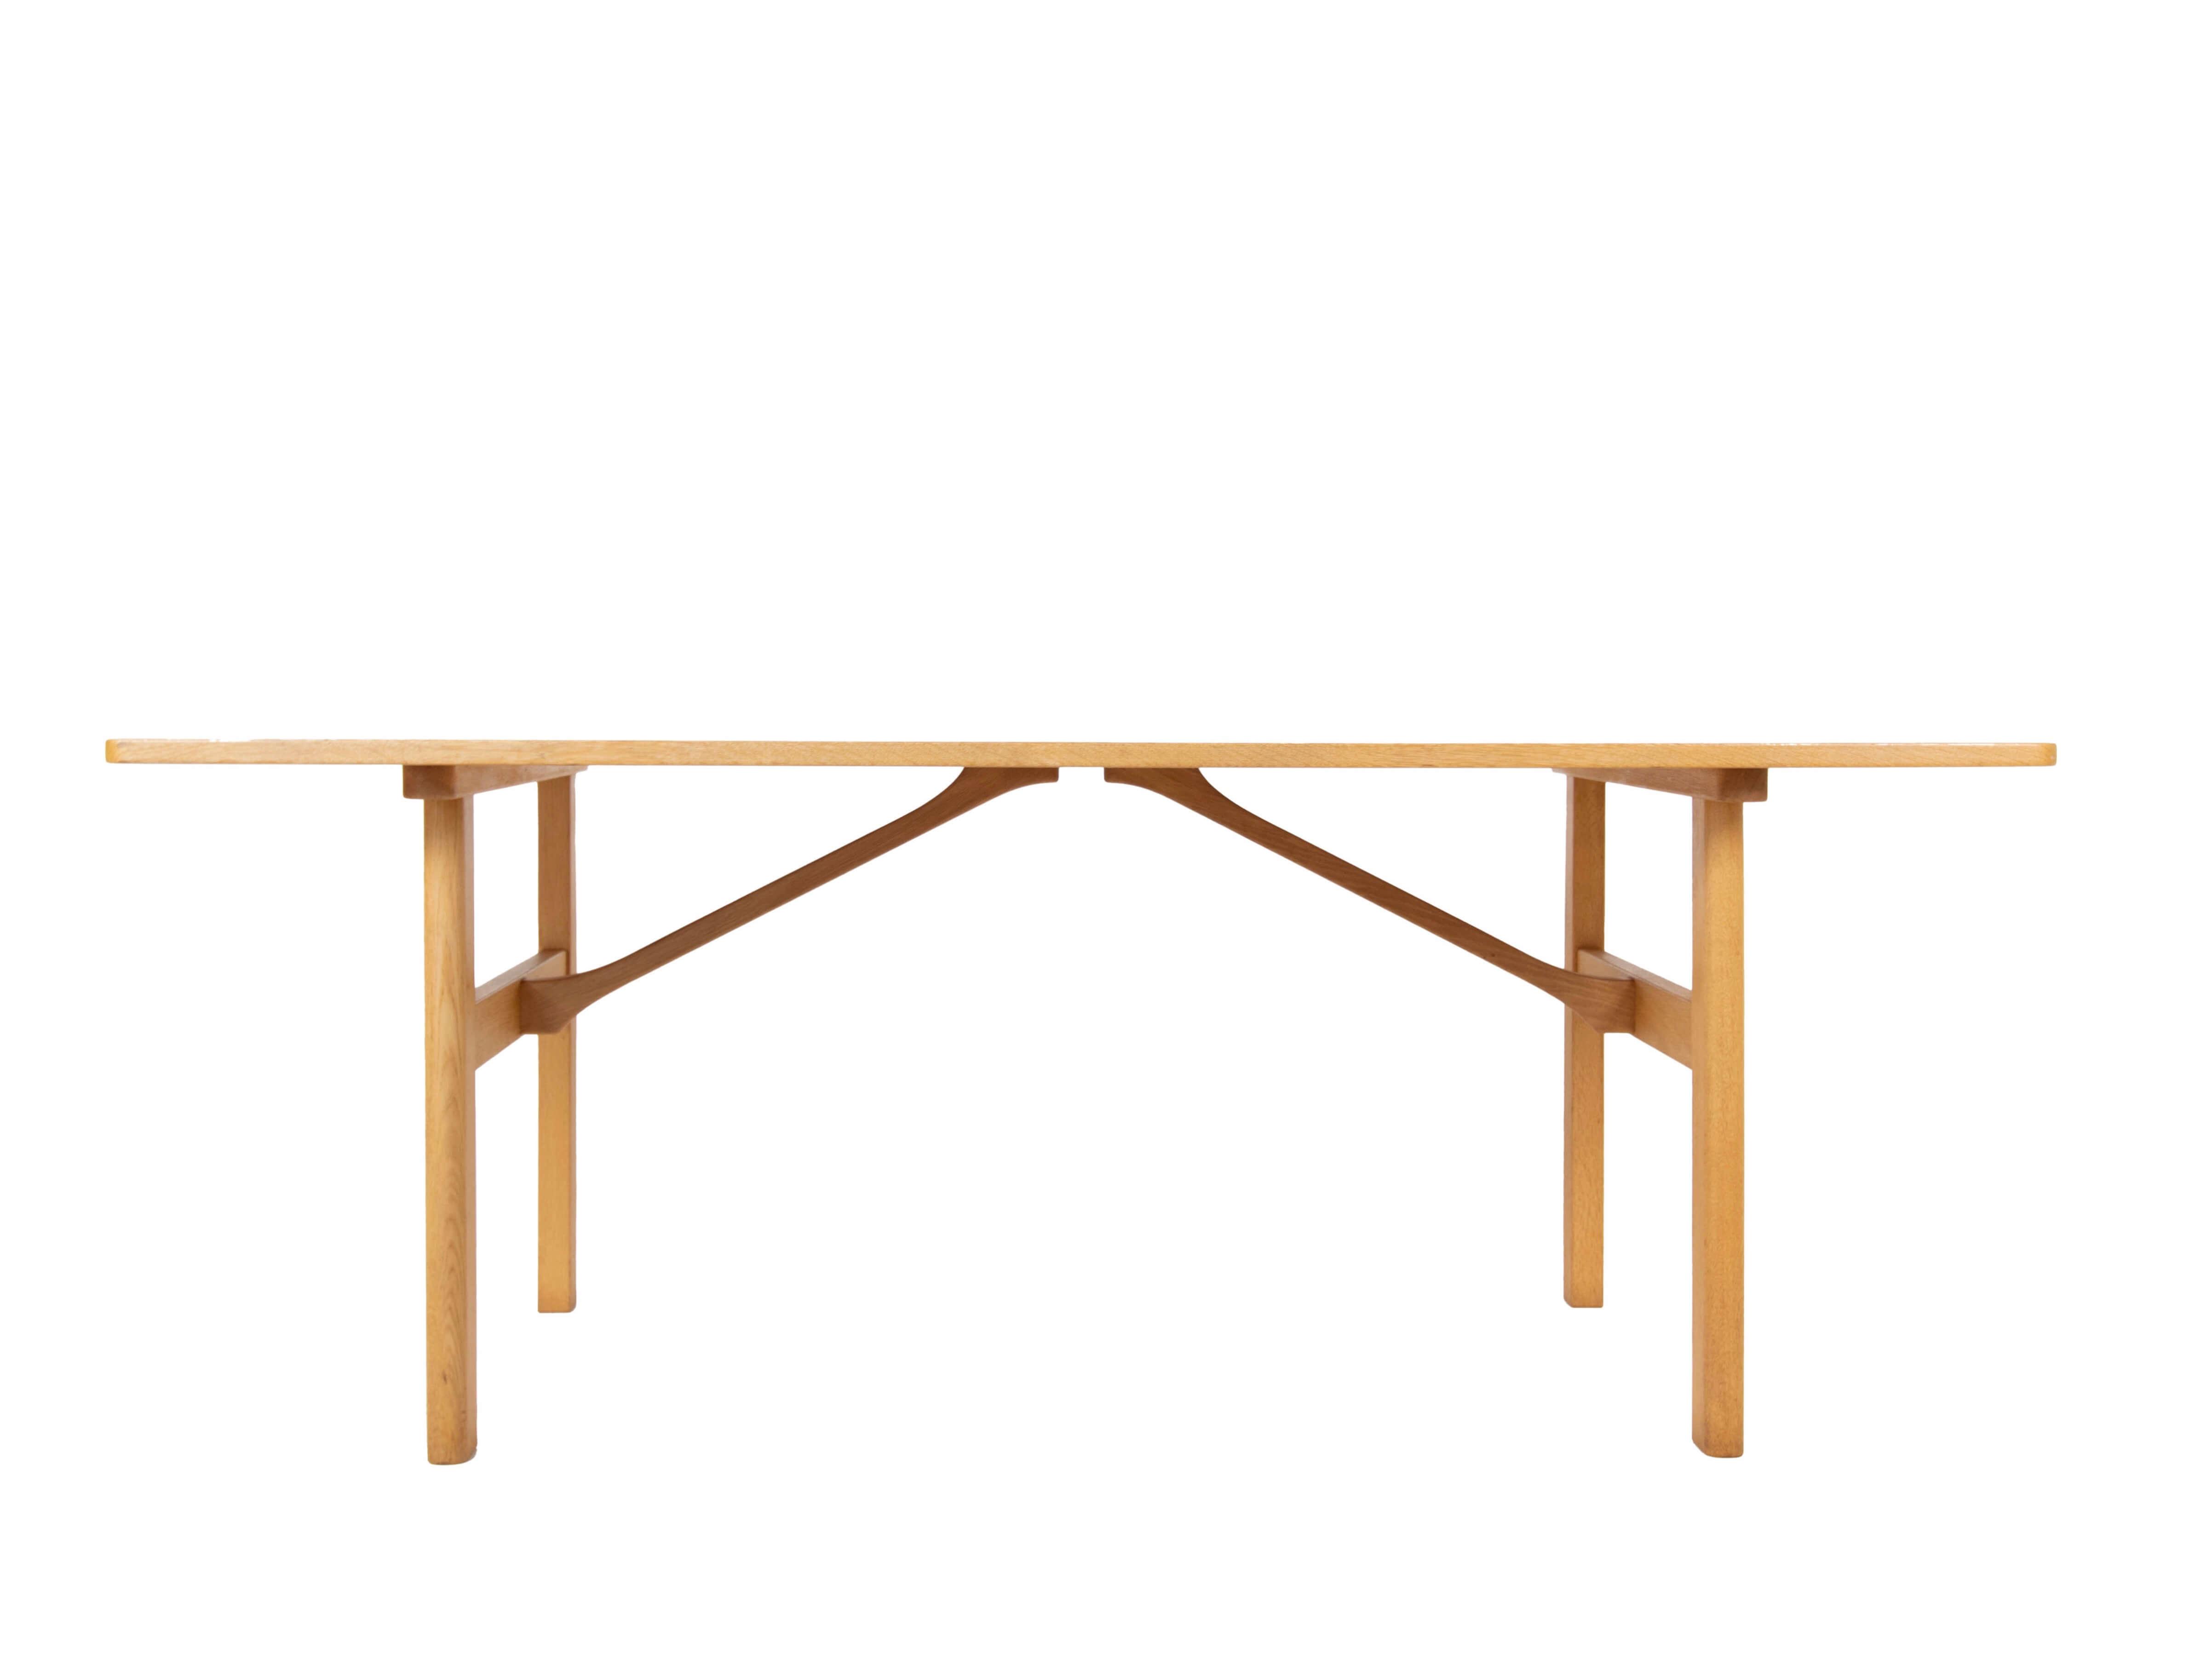 Shaker Dining Table Model 6284 by Børge Mogensen, Denmark 1960s